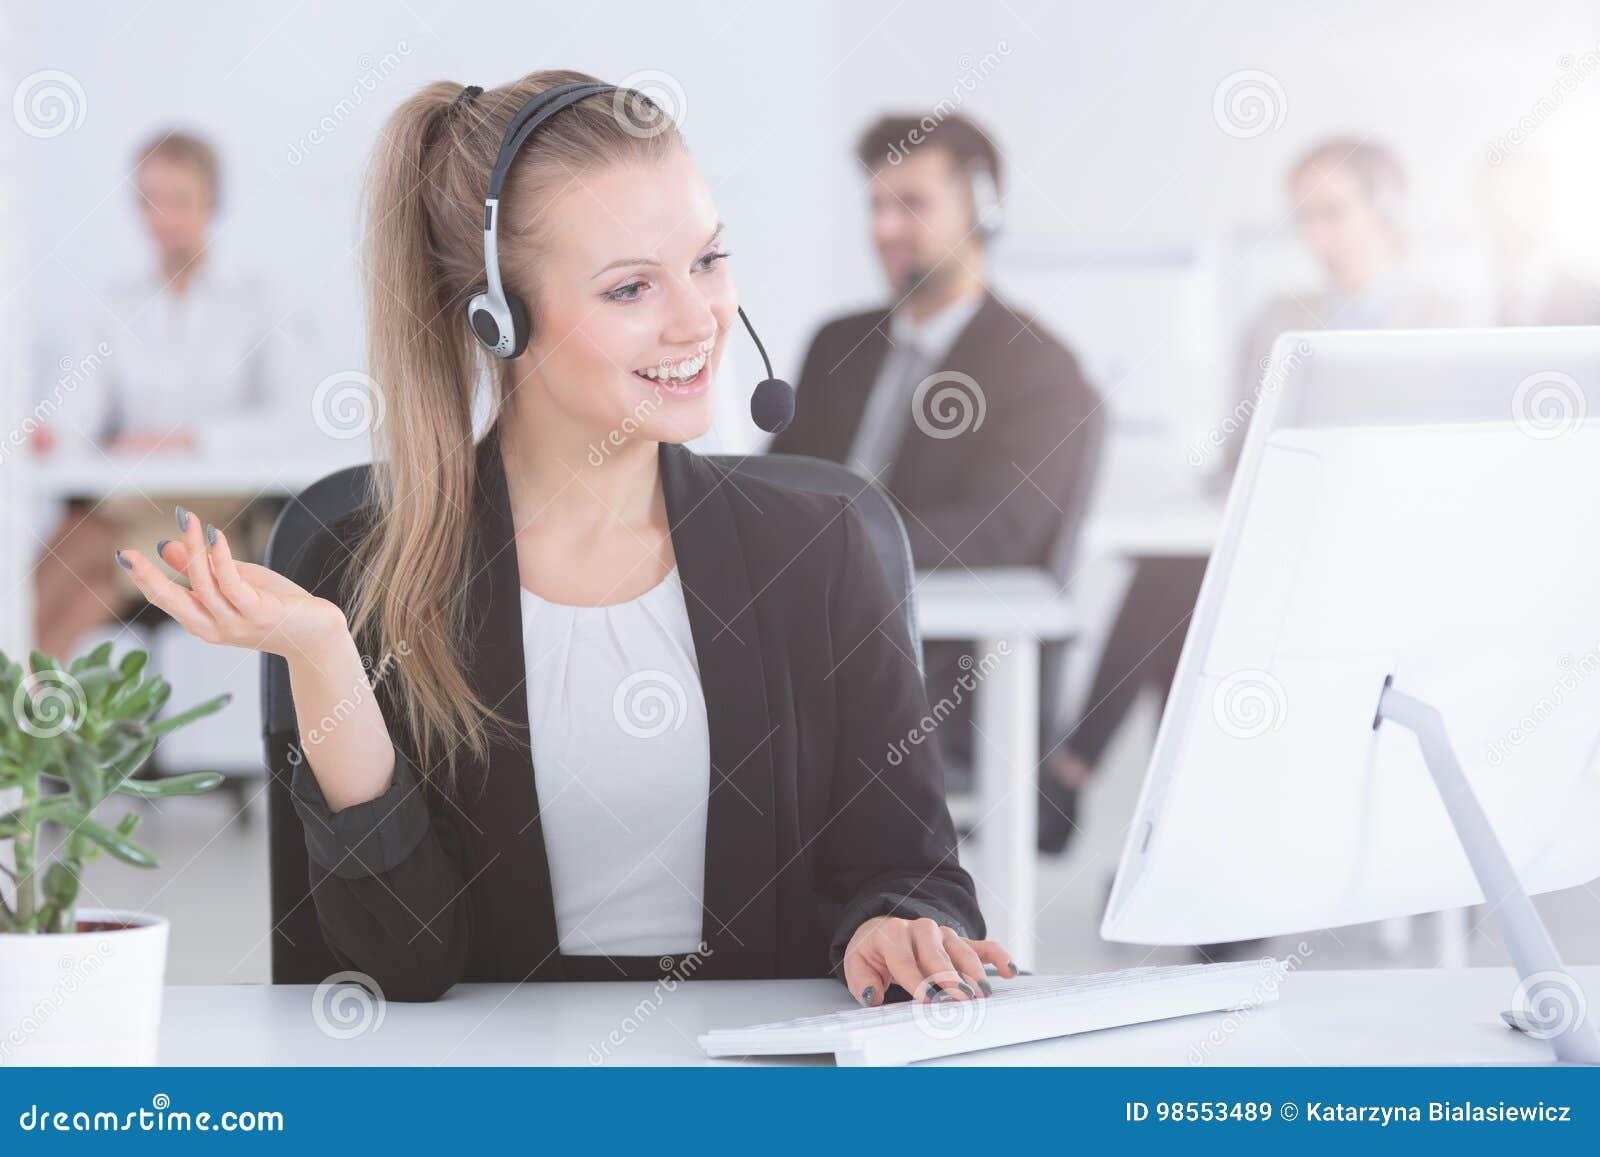 Агент центра телефонного обслуживания используя компьютер